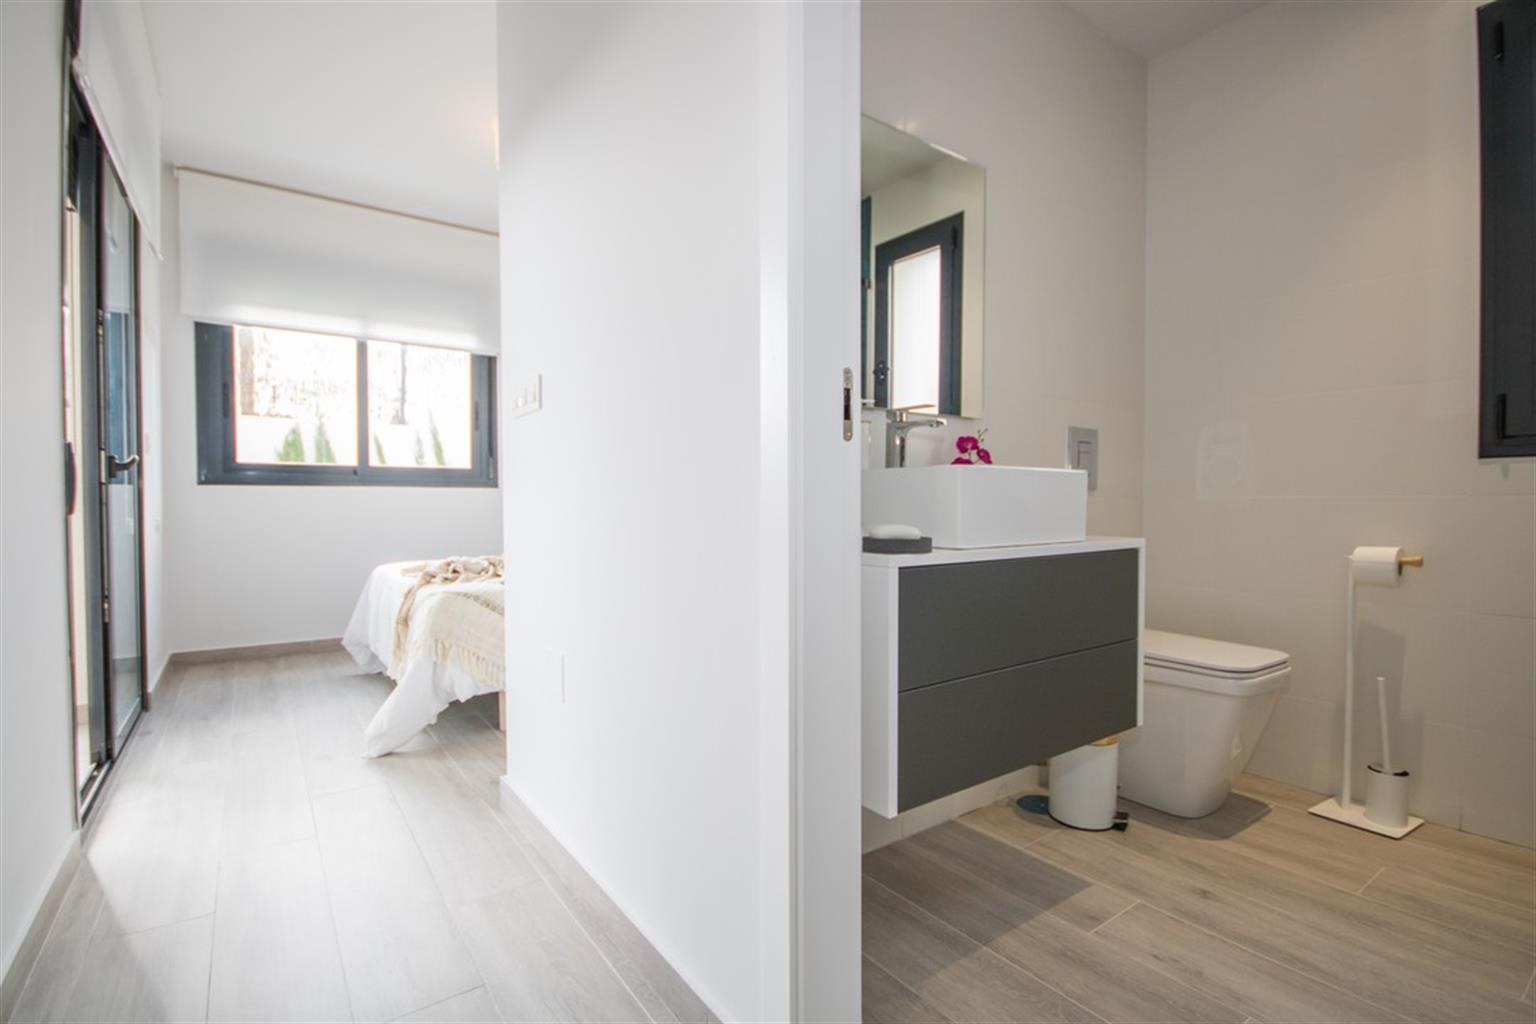 Appartement - San Miguel de salinas  - #4231523-6